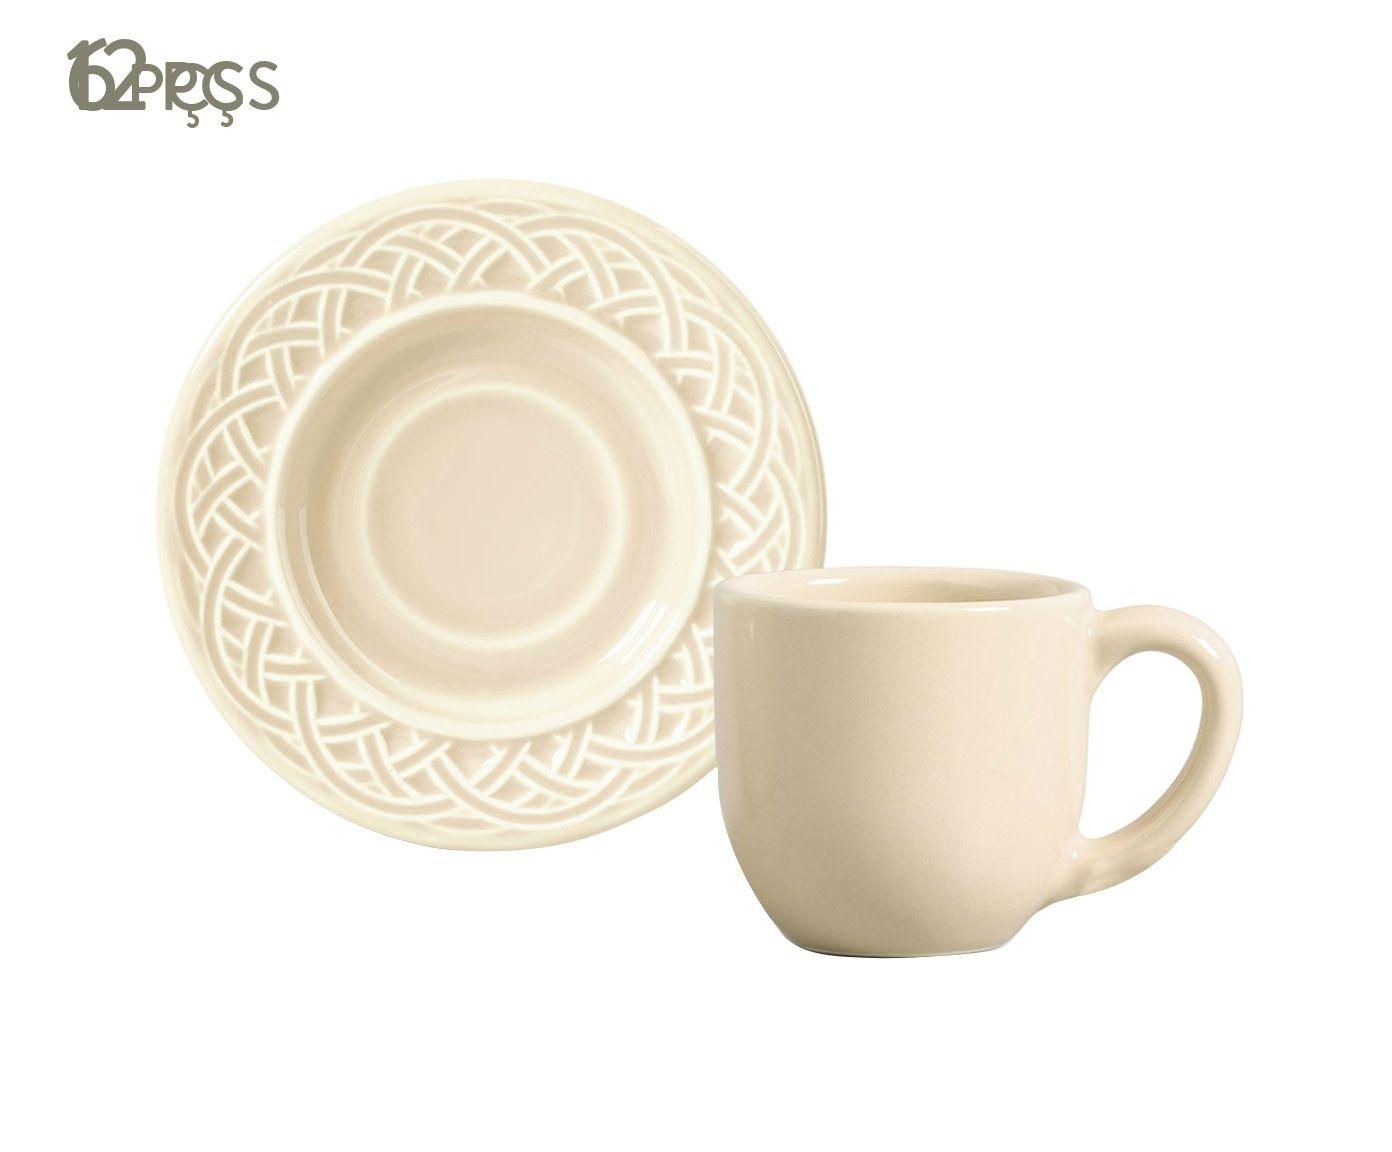 Jogo de Xícaras para Café com Pires Cestino Cru - 72ml   Westwing.com.br